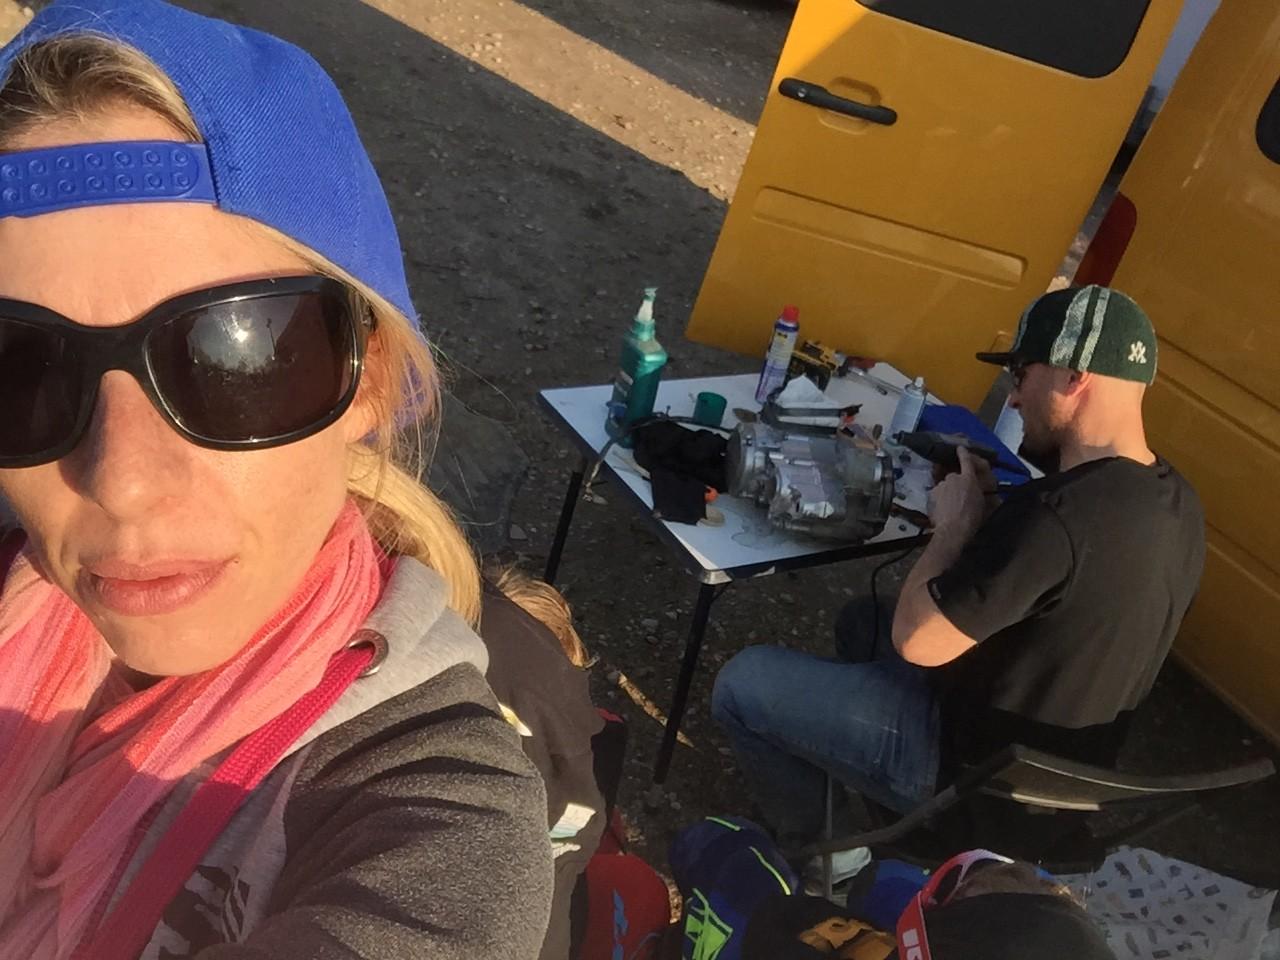 Marco poliert seinen Motor und Madox schaut mit Schutzkleidung zu